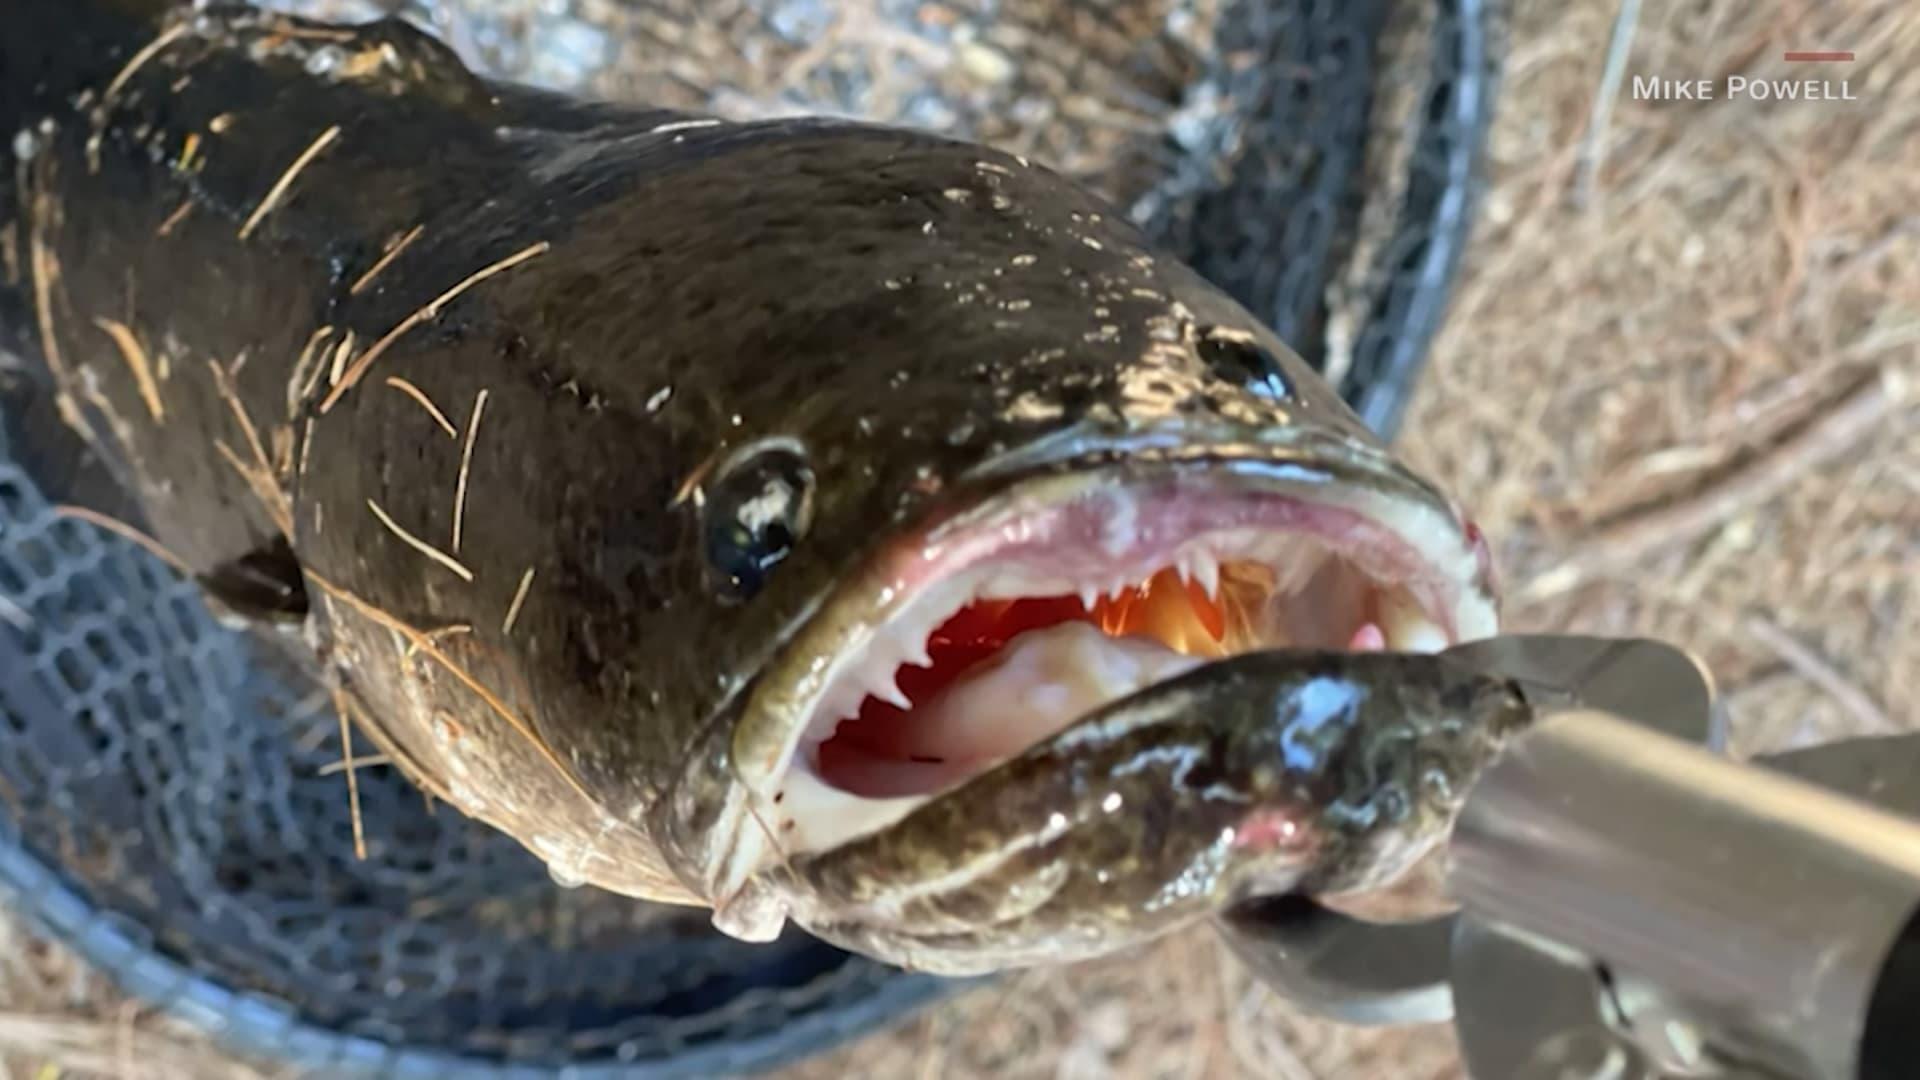 شاهد.. صياد في أمريكا يصطاد سمكة آسيوية غريبة تزن حوالي 6 أرطال